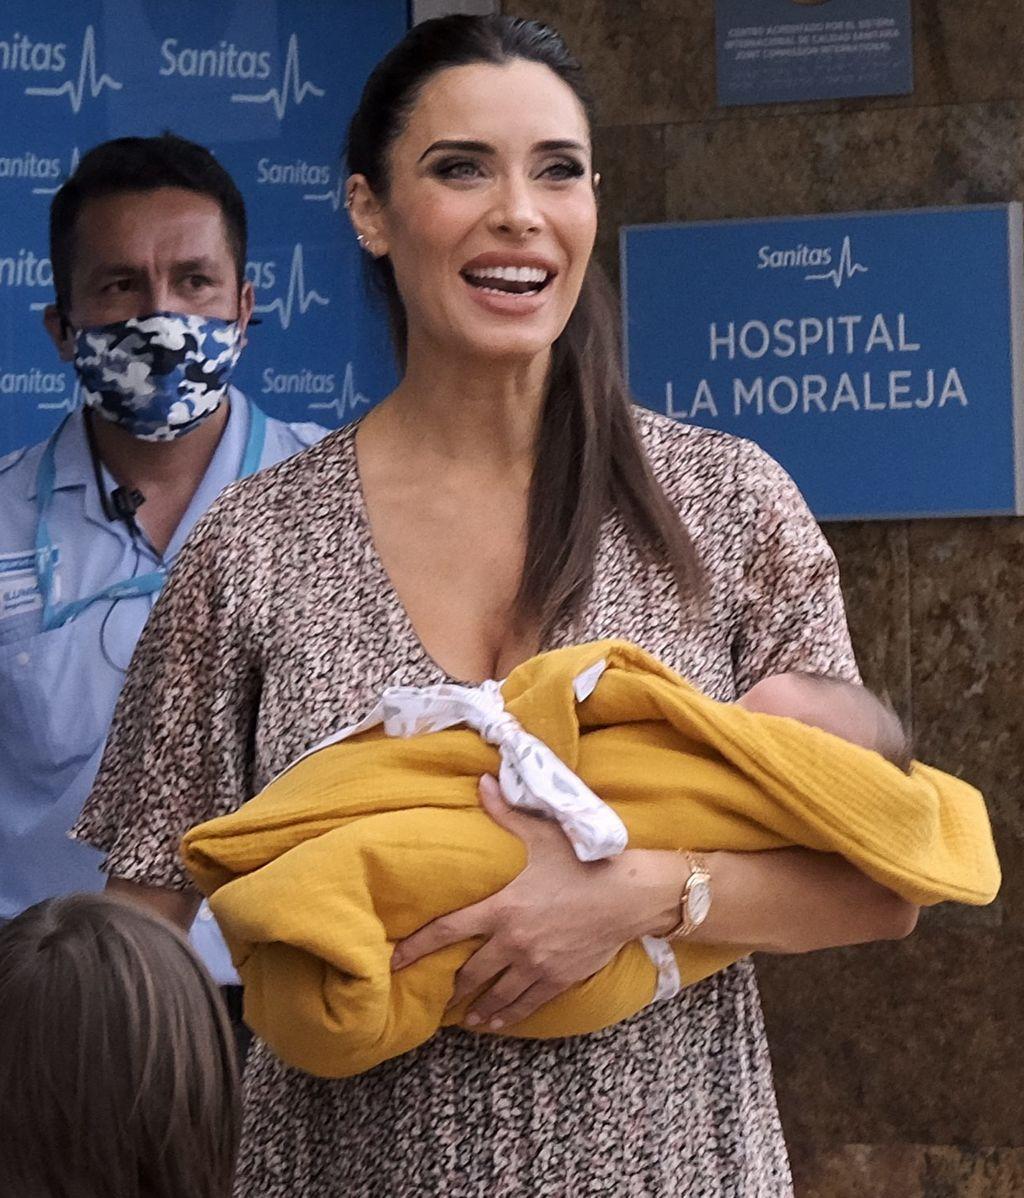 Máximo Adriano ha sido el nombre escogido para el recién nacido